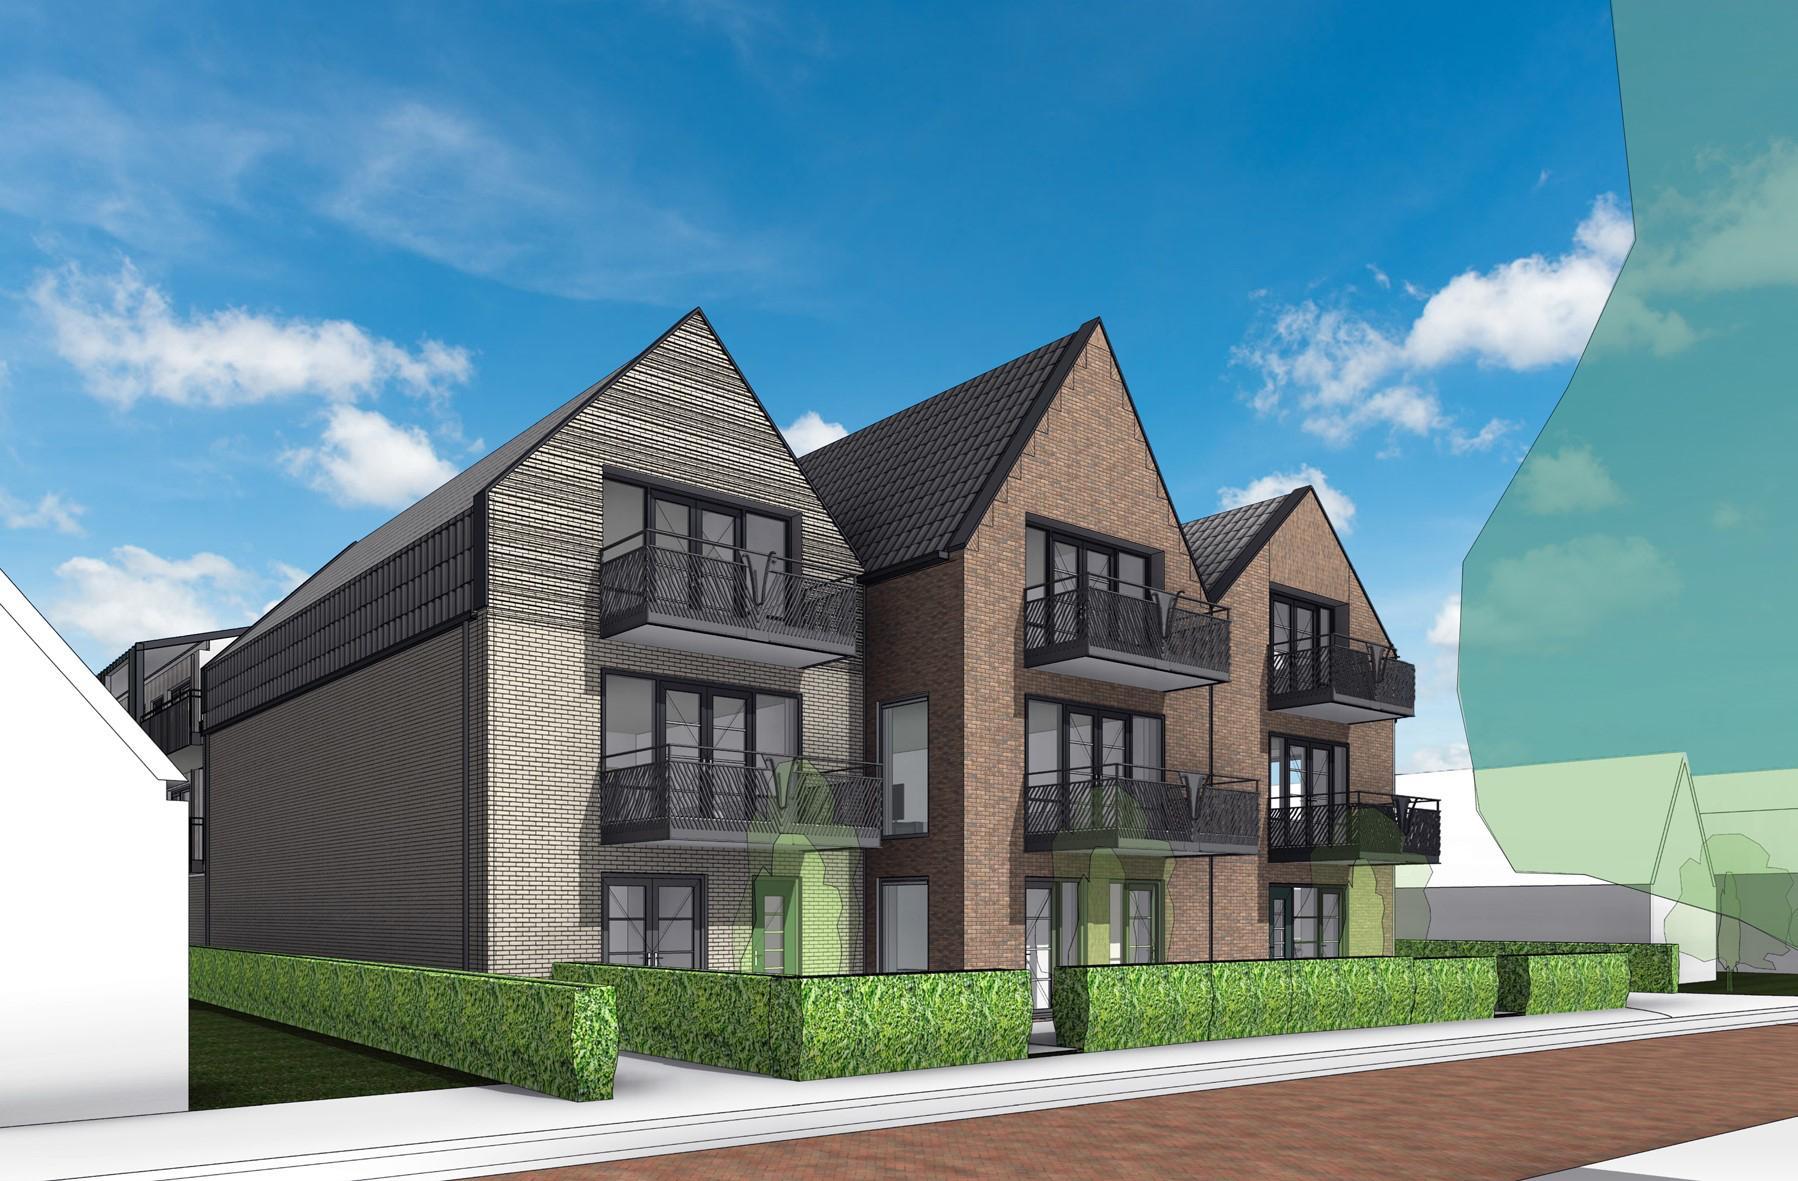 Langedijk tekent binnenkort voor 22 appartementen aan de Bovenweg in Sint Pancras